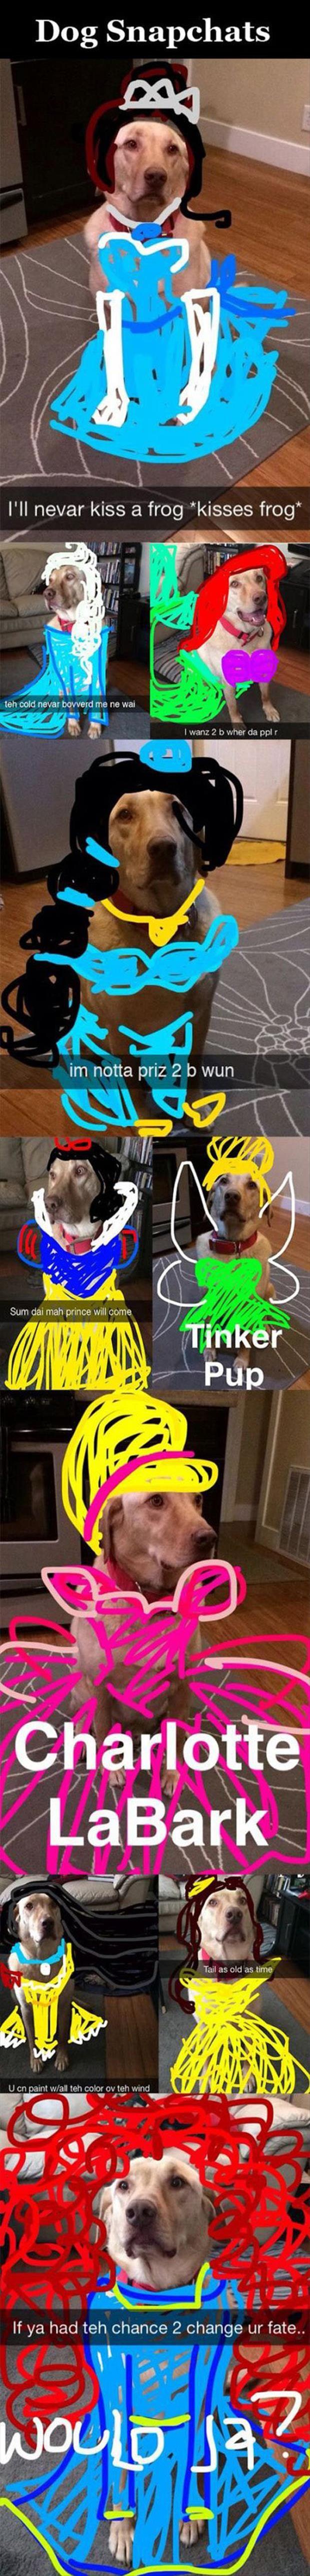 Images of the week, 55 pics. Dog Snapchats